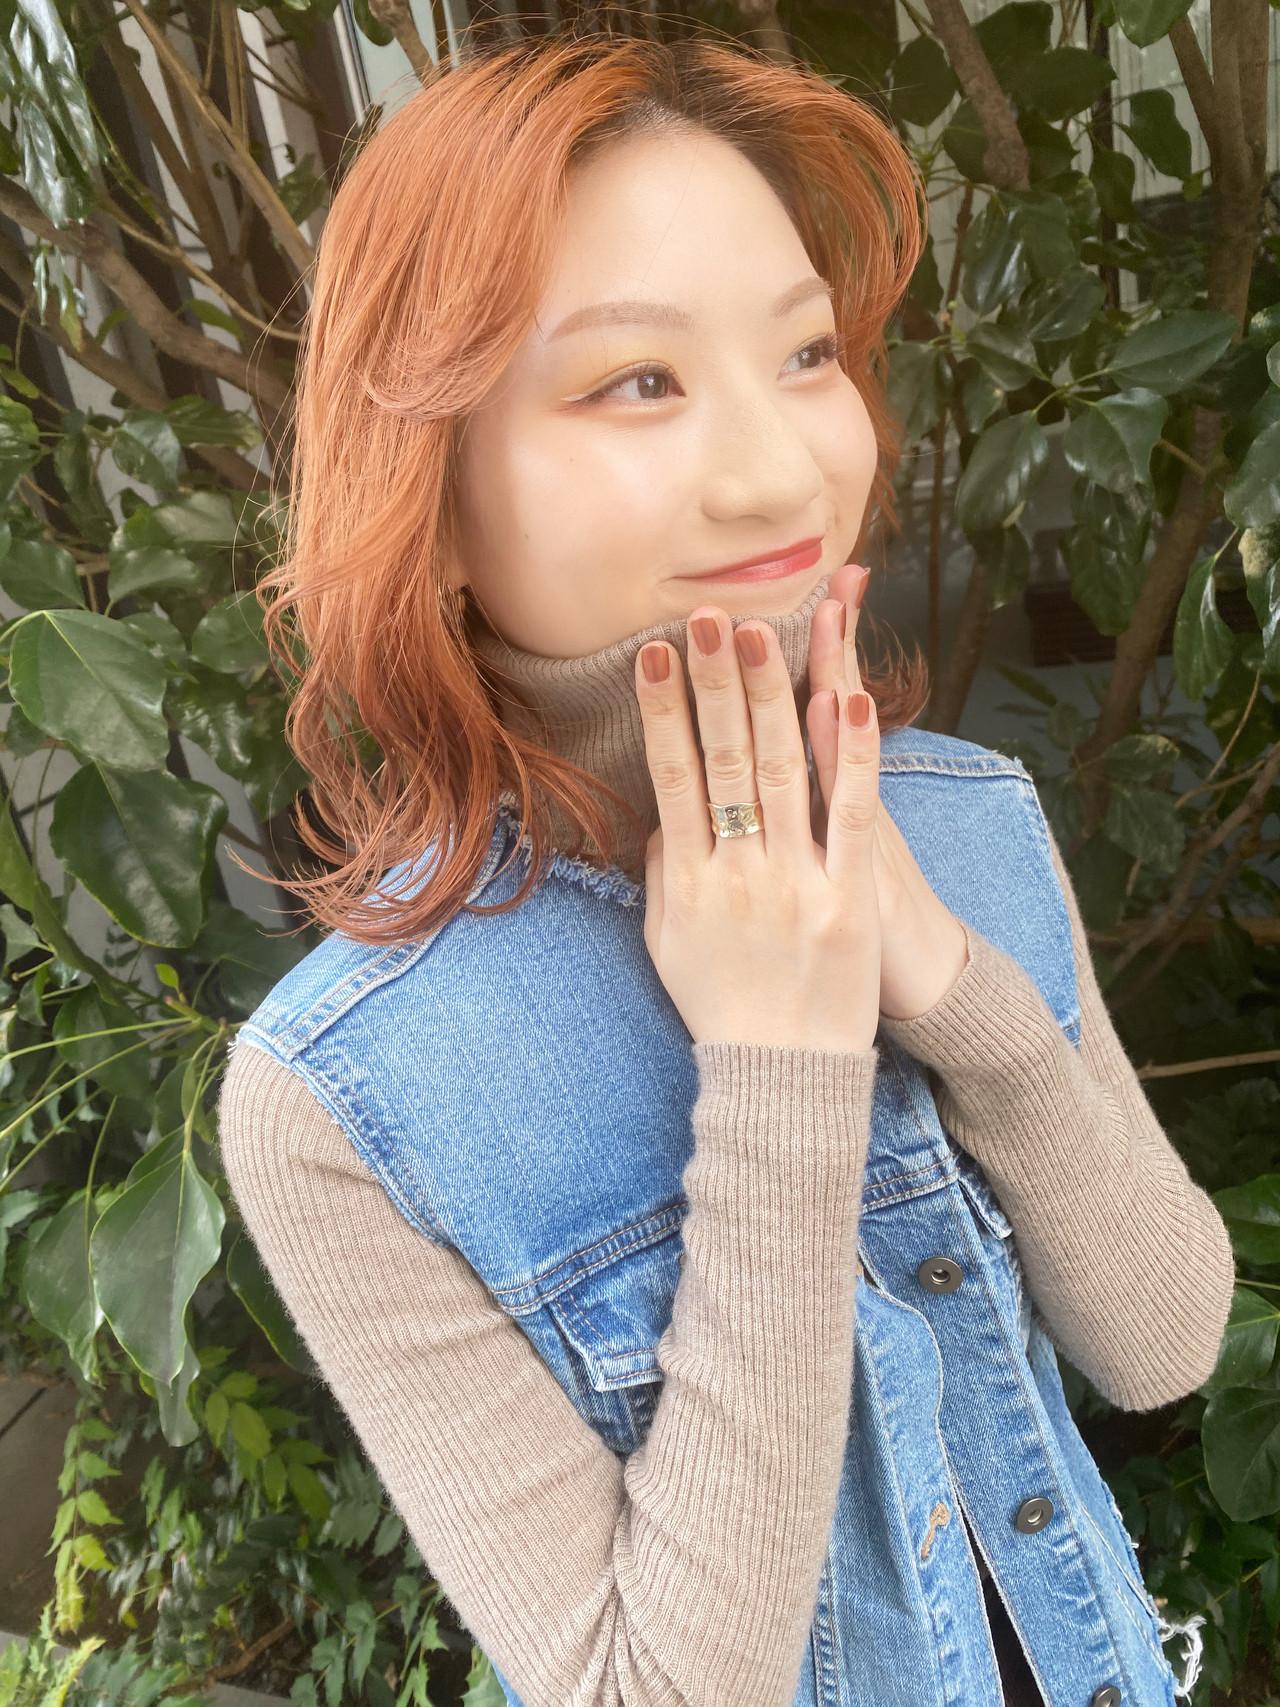 ミディアム オレンジカラー アプリコットオレンジ ナチュラル ヘアスタイルや髪型の写真・画像